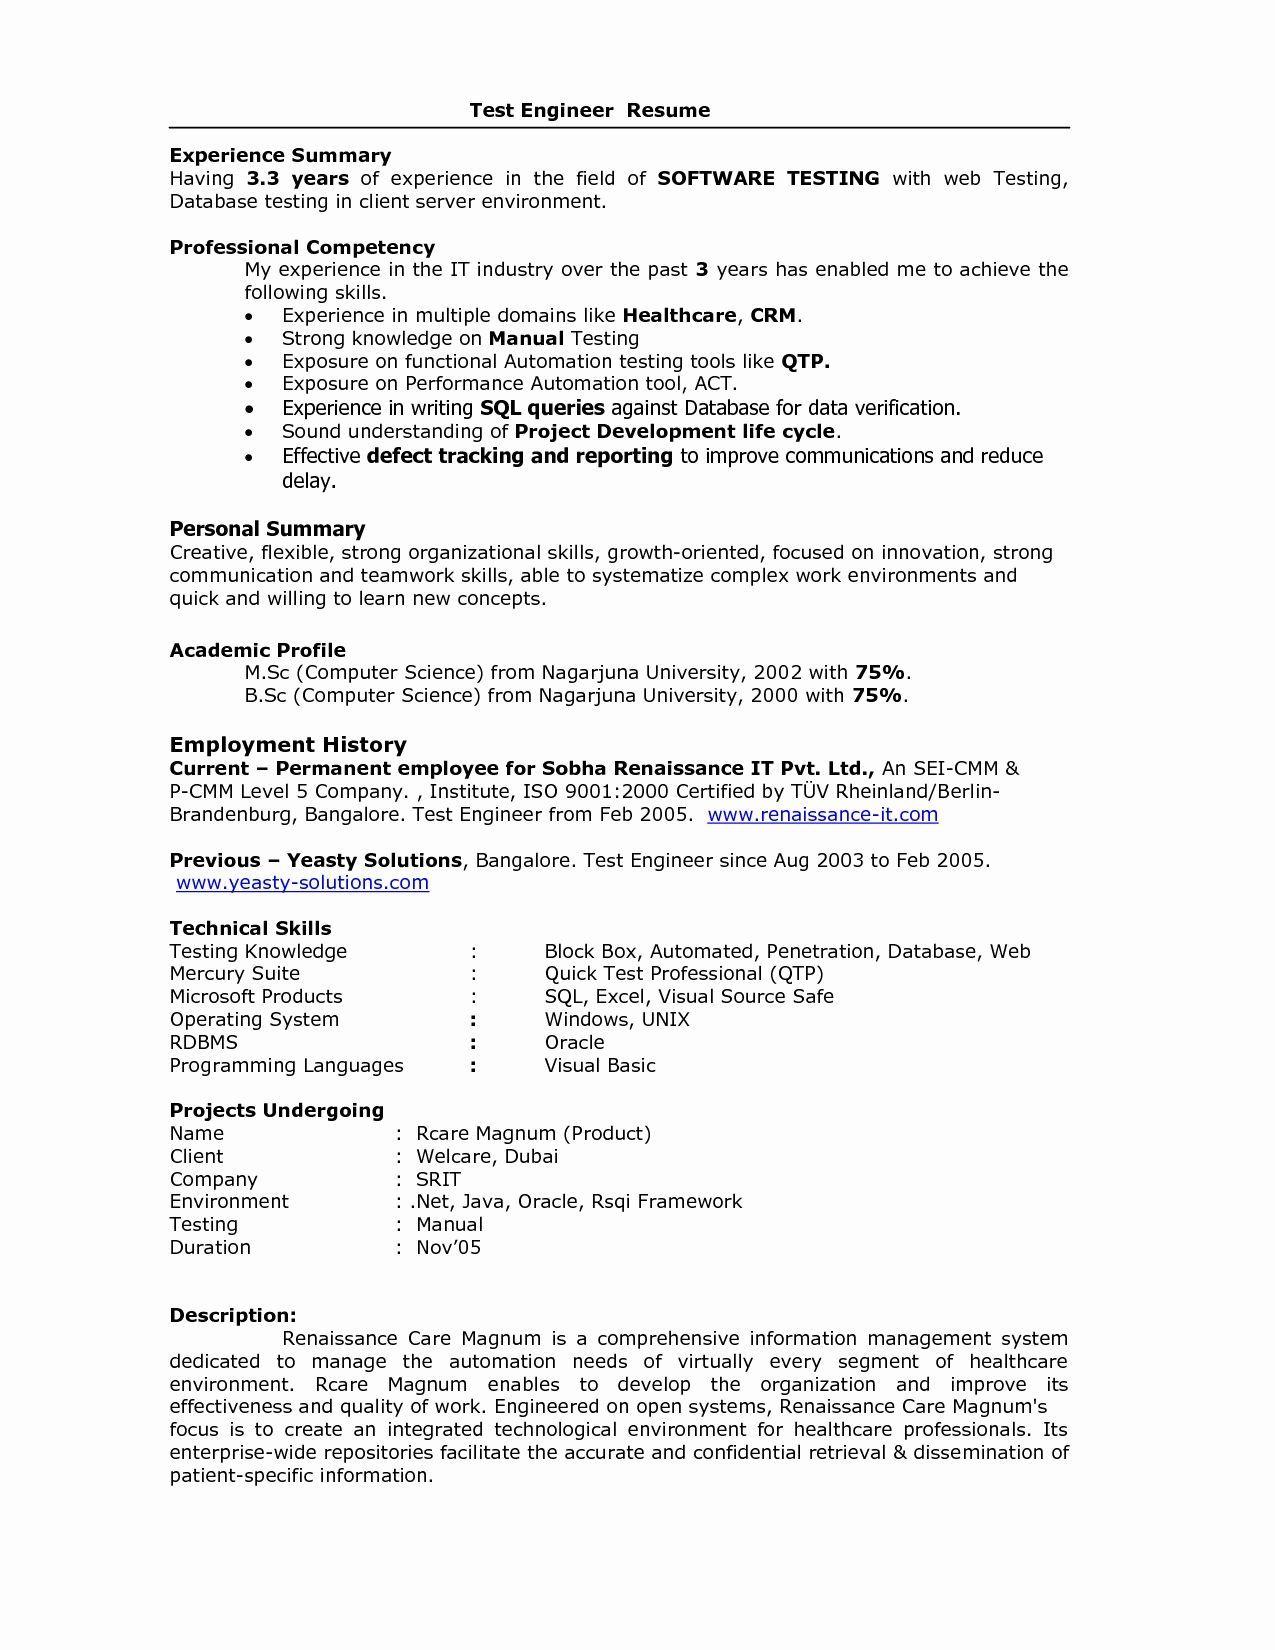 Linkedin Resume Download Mobile